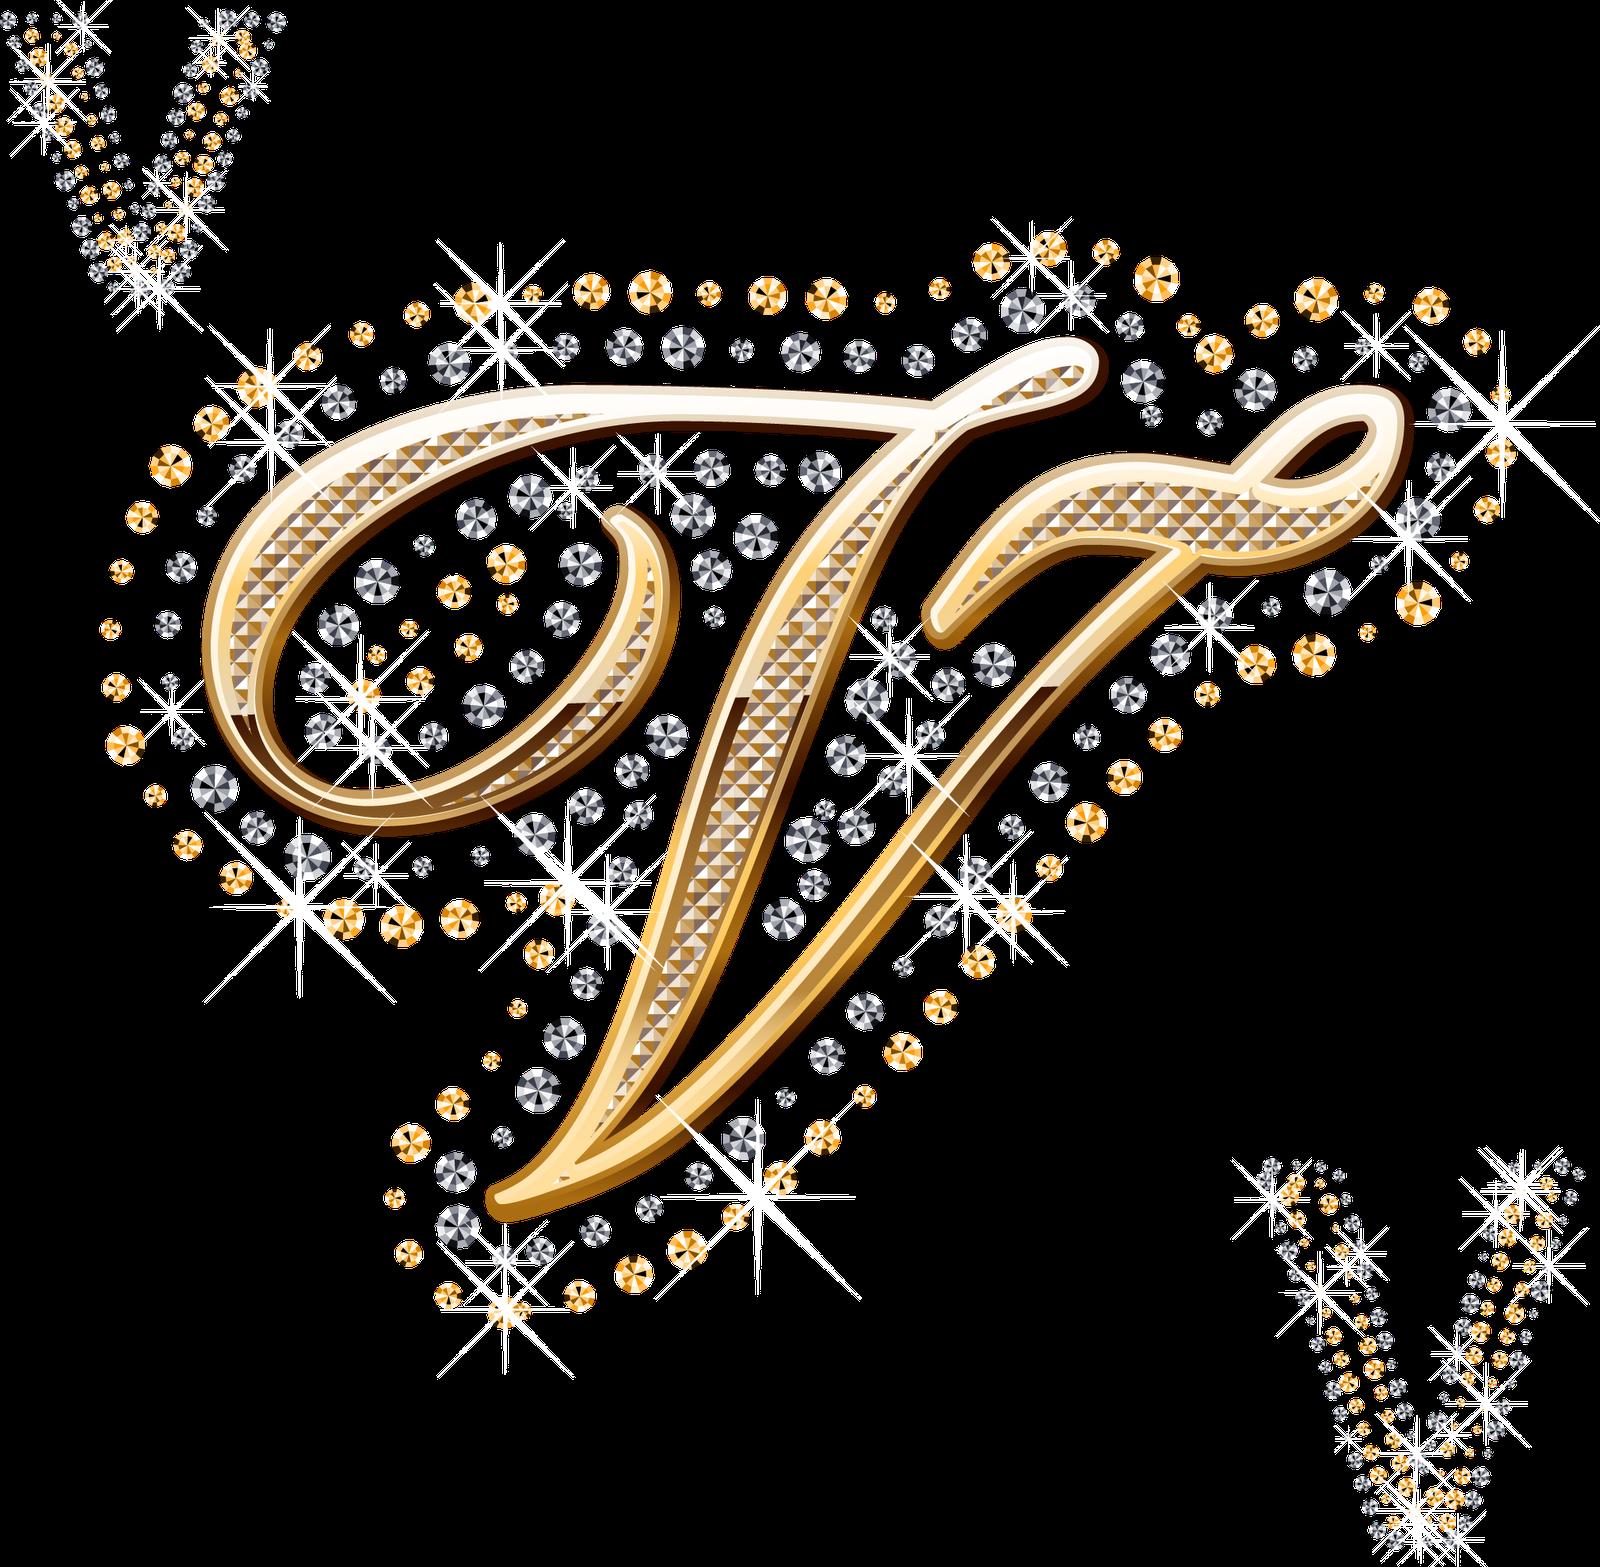 alfabeto decorado dourado   strass em png   alfabetos lindos